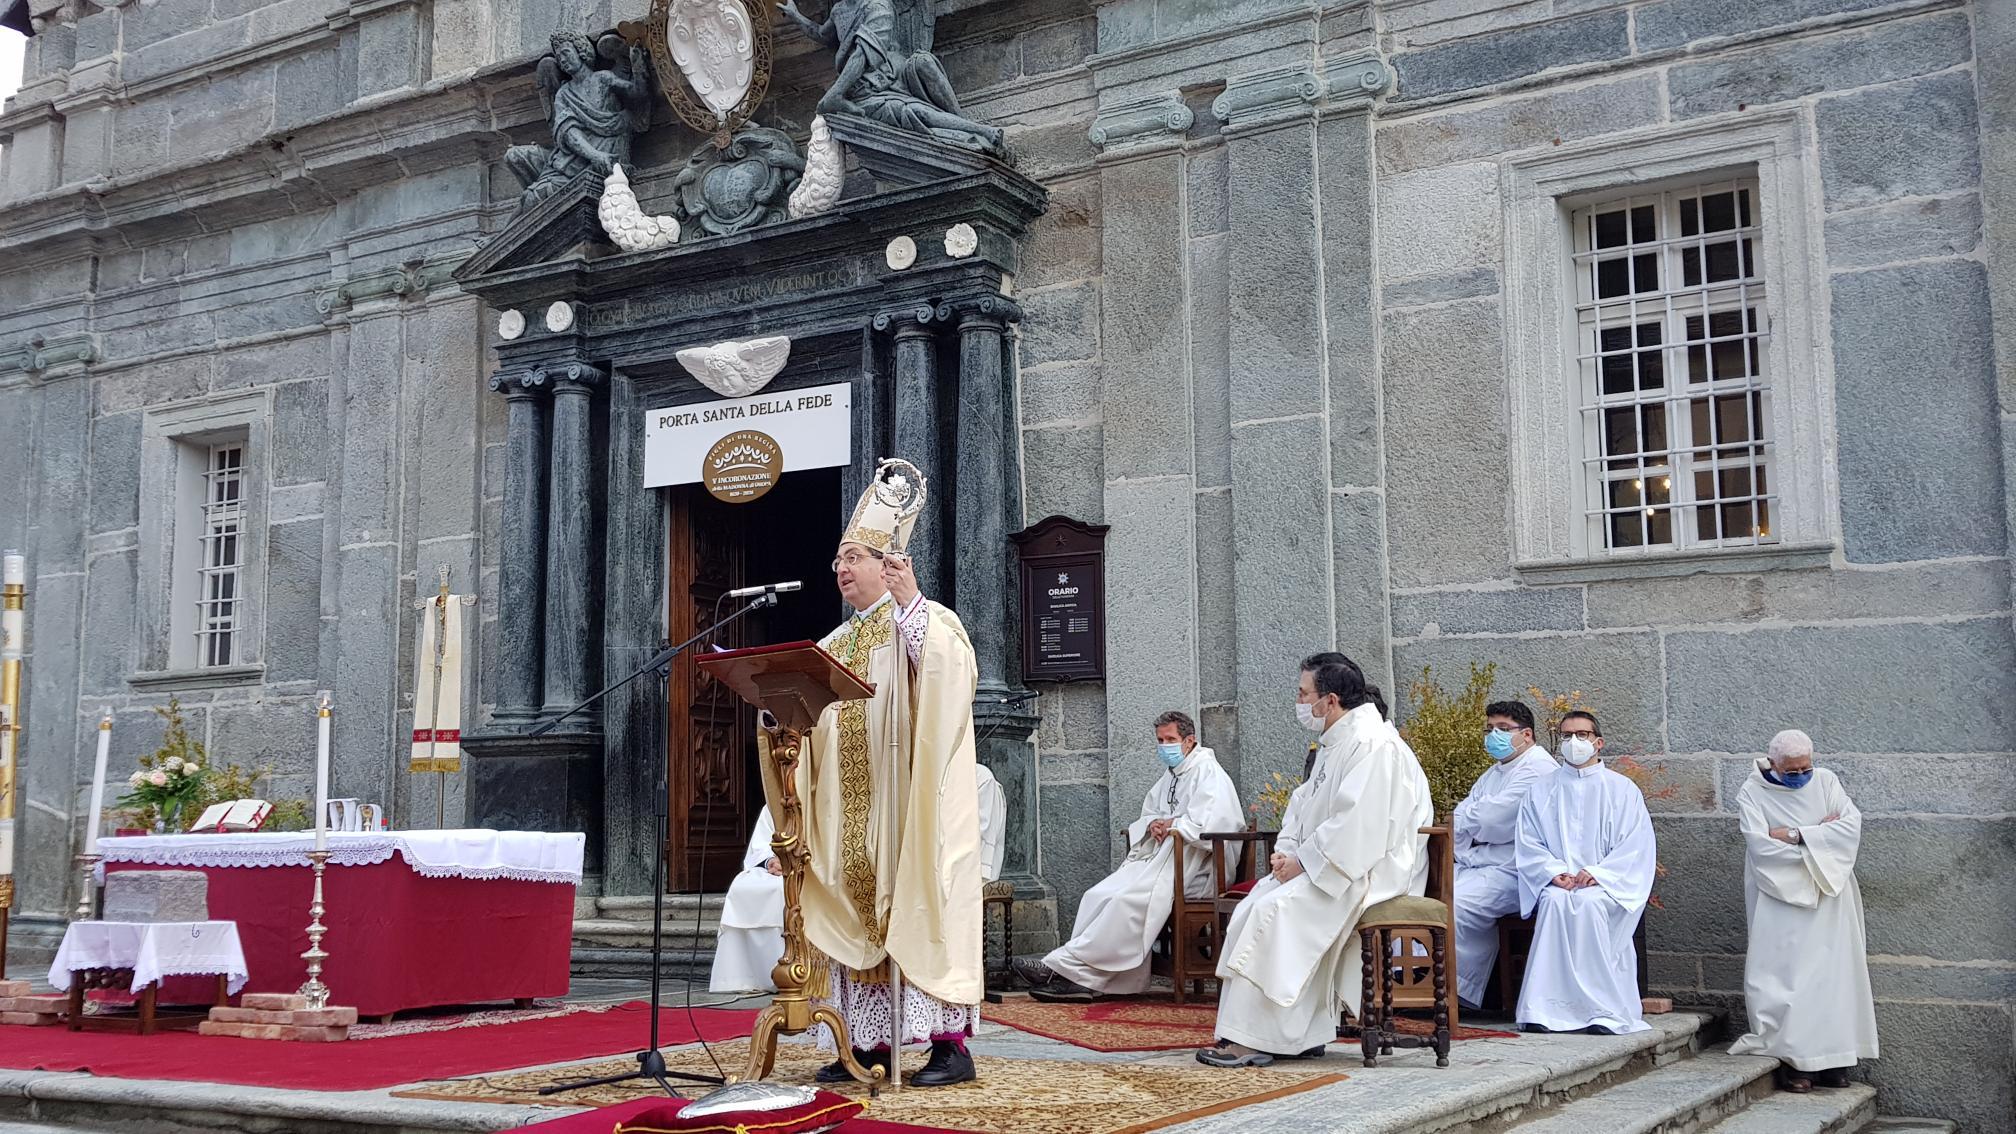 Mons Farinella Vescovo di Biella